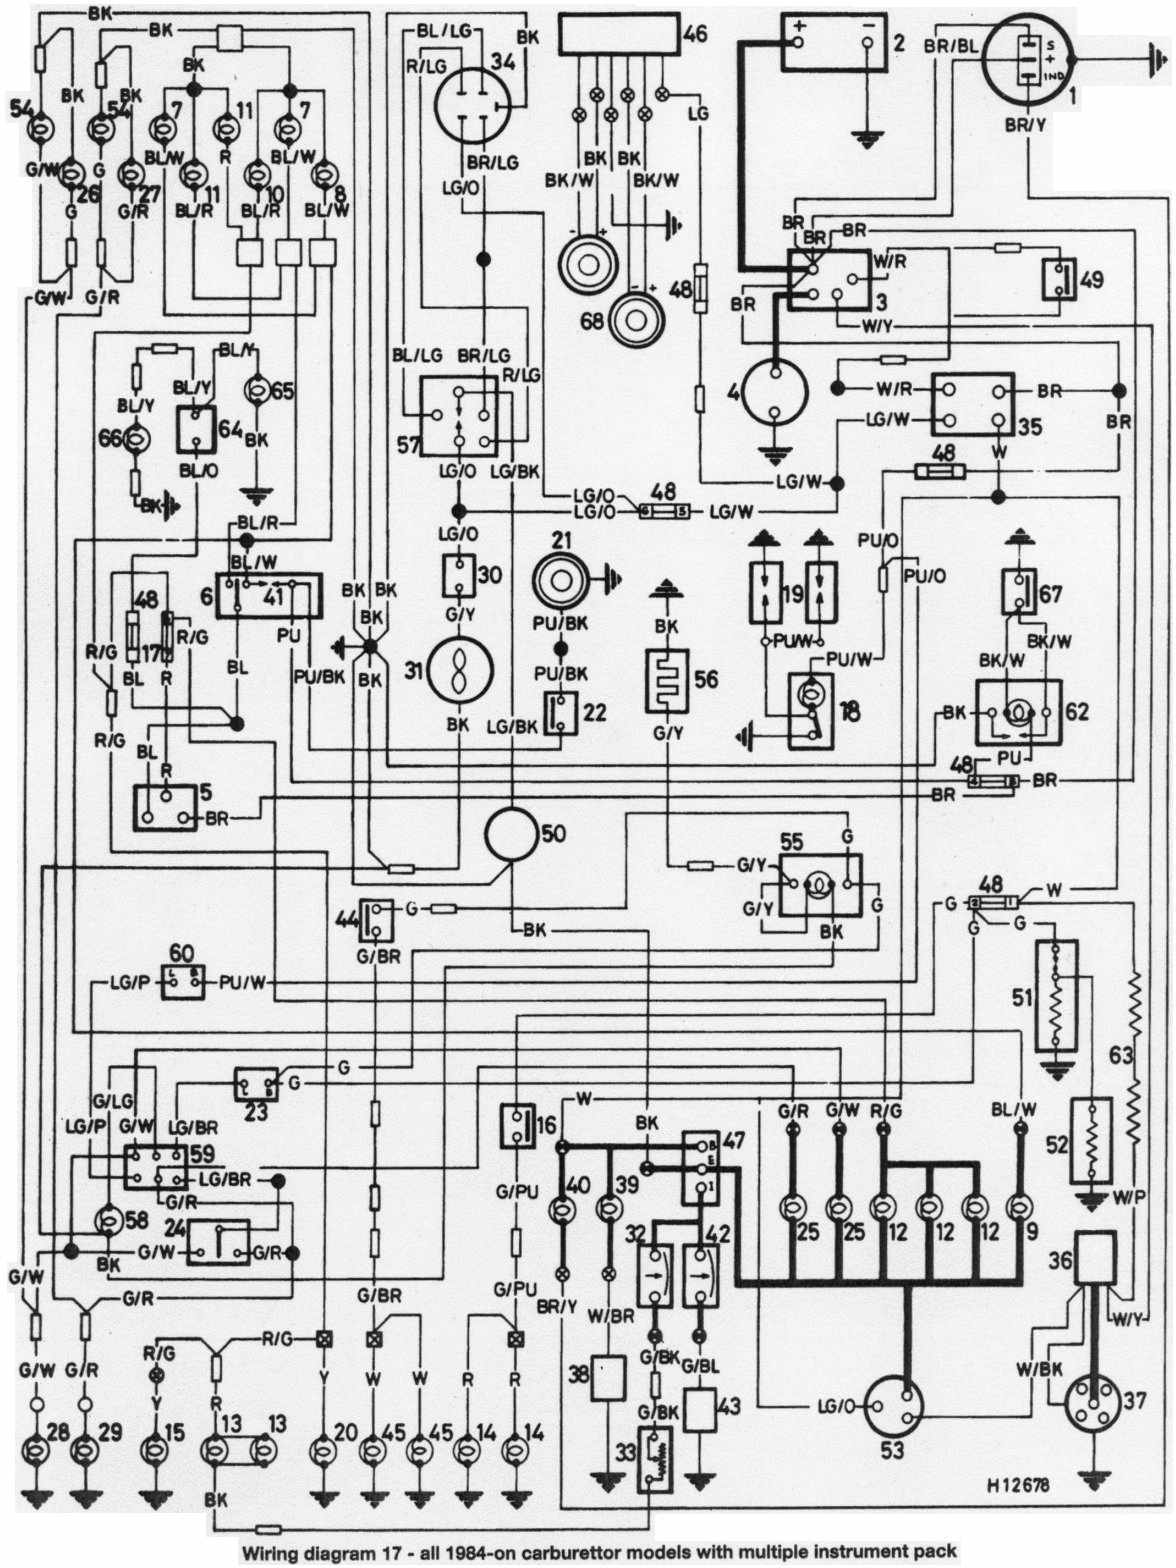 1991 Chevy Truck Instrument Wiring Diagram Schematics Schematic Alert Automotive Diagrams Detailed Heater